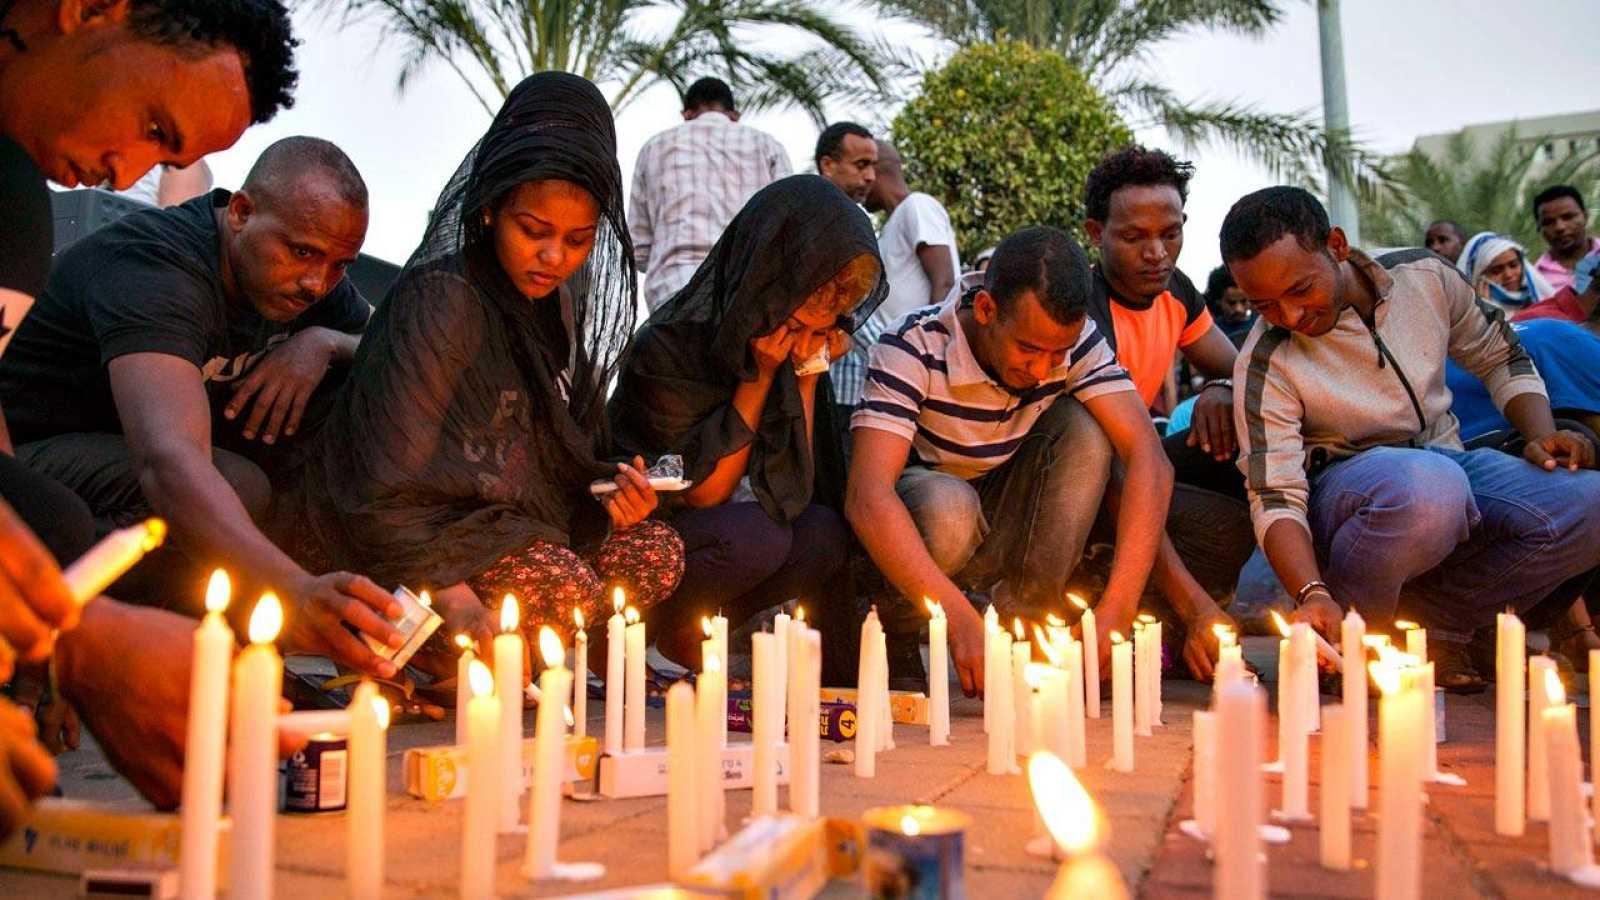 Un grupo de eritreos enciende velas en Tel Aviv durante una ceremonia en recuerdo de Habtom Zarhum